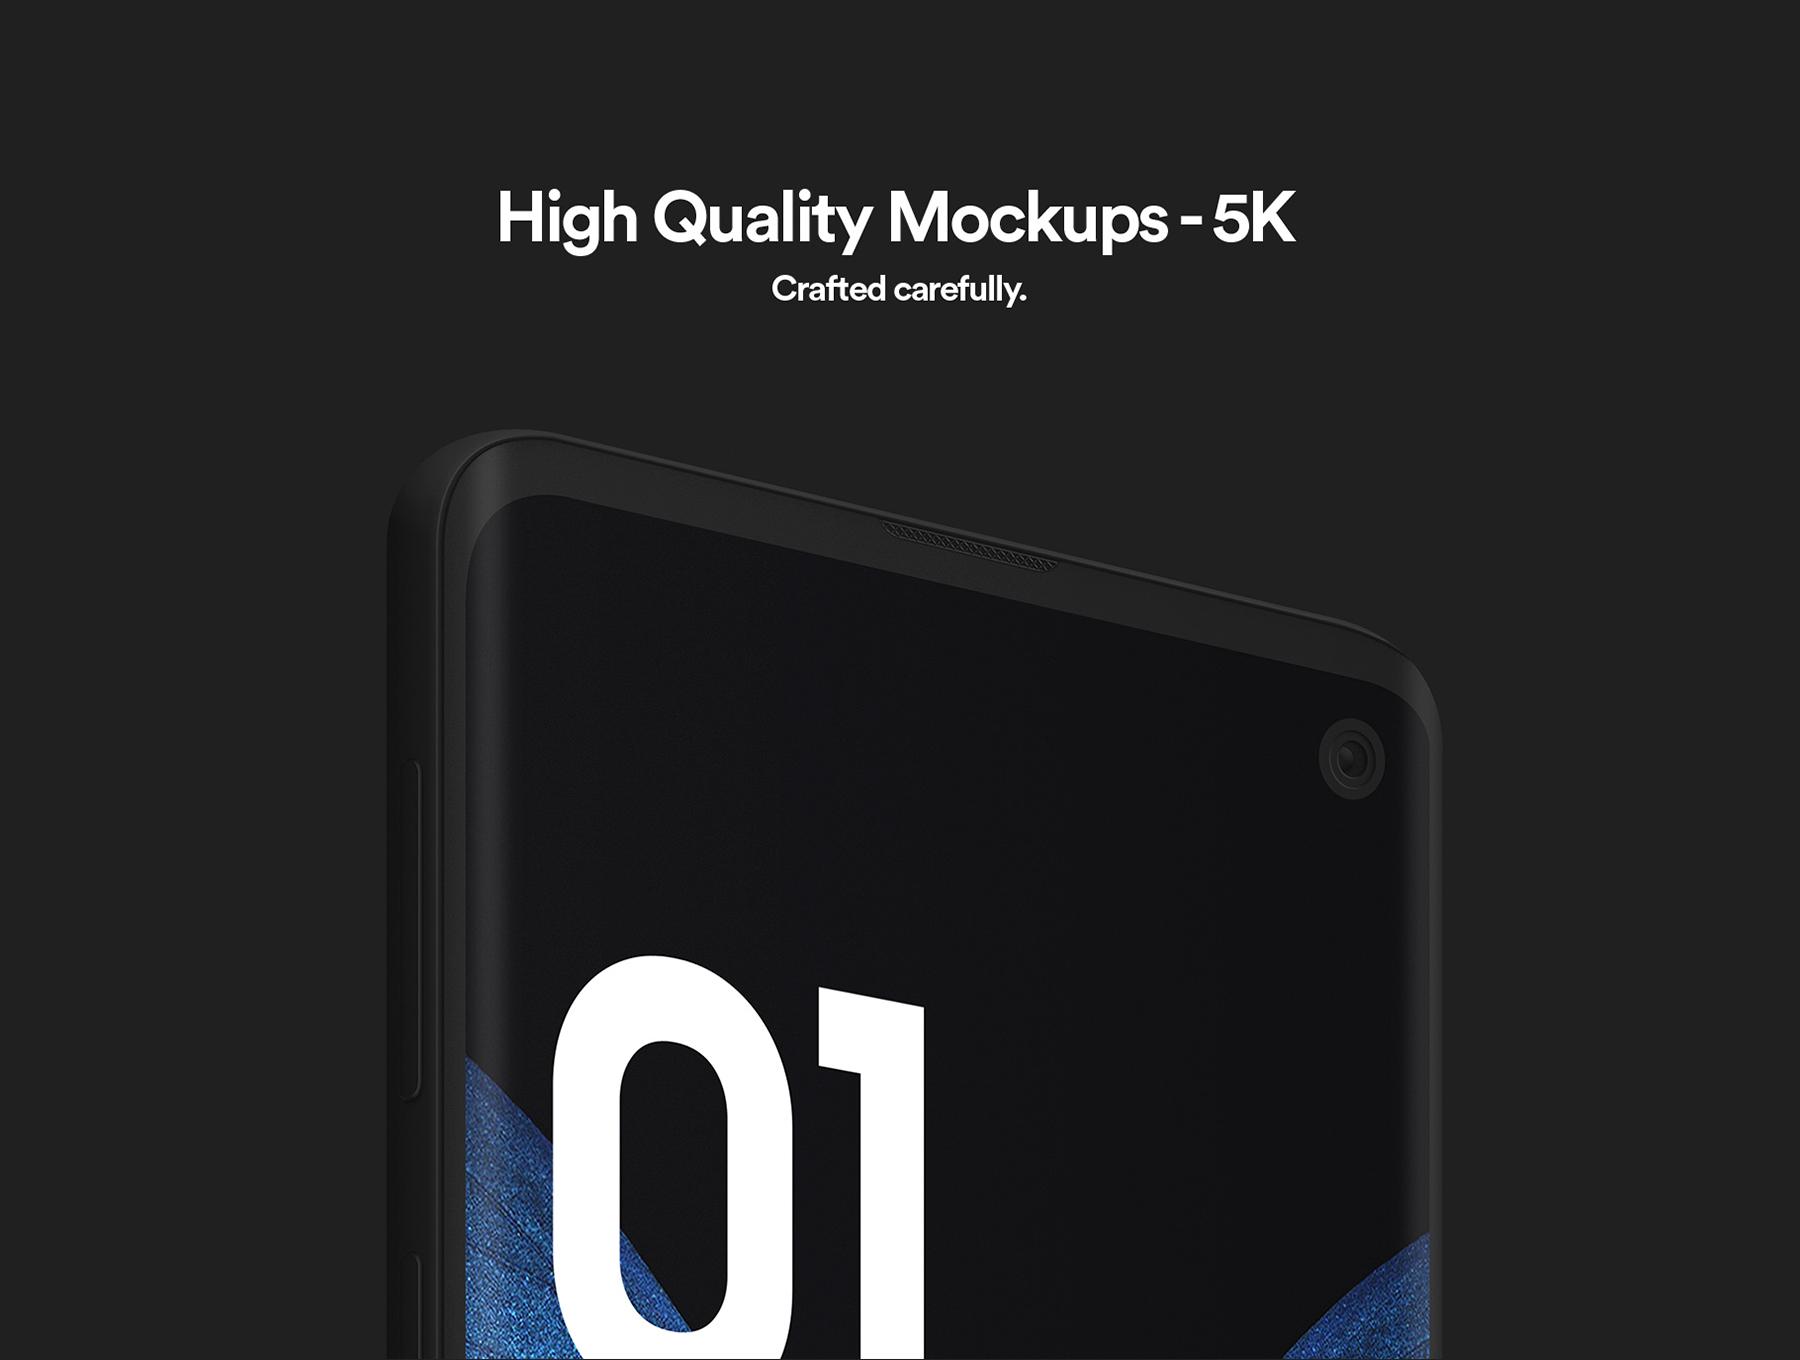 陶瓷质感三星Galaxy S10智能手机样机模板 Samsung Galaxy S10 – 21 Clay Mockups插图(2)